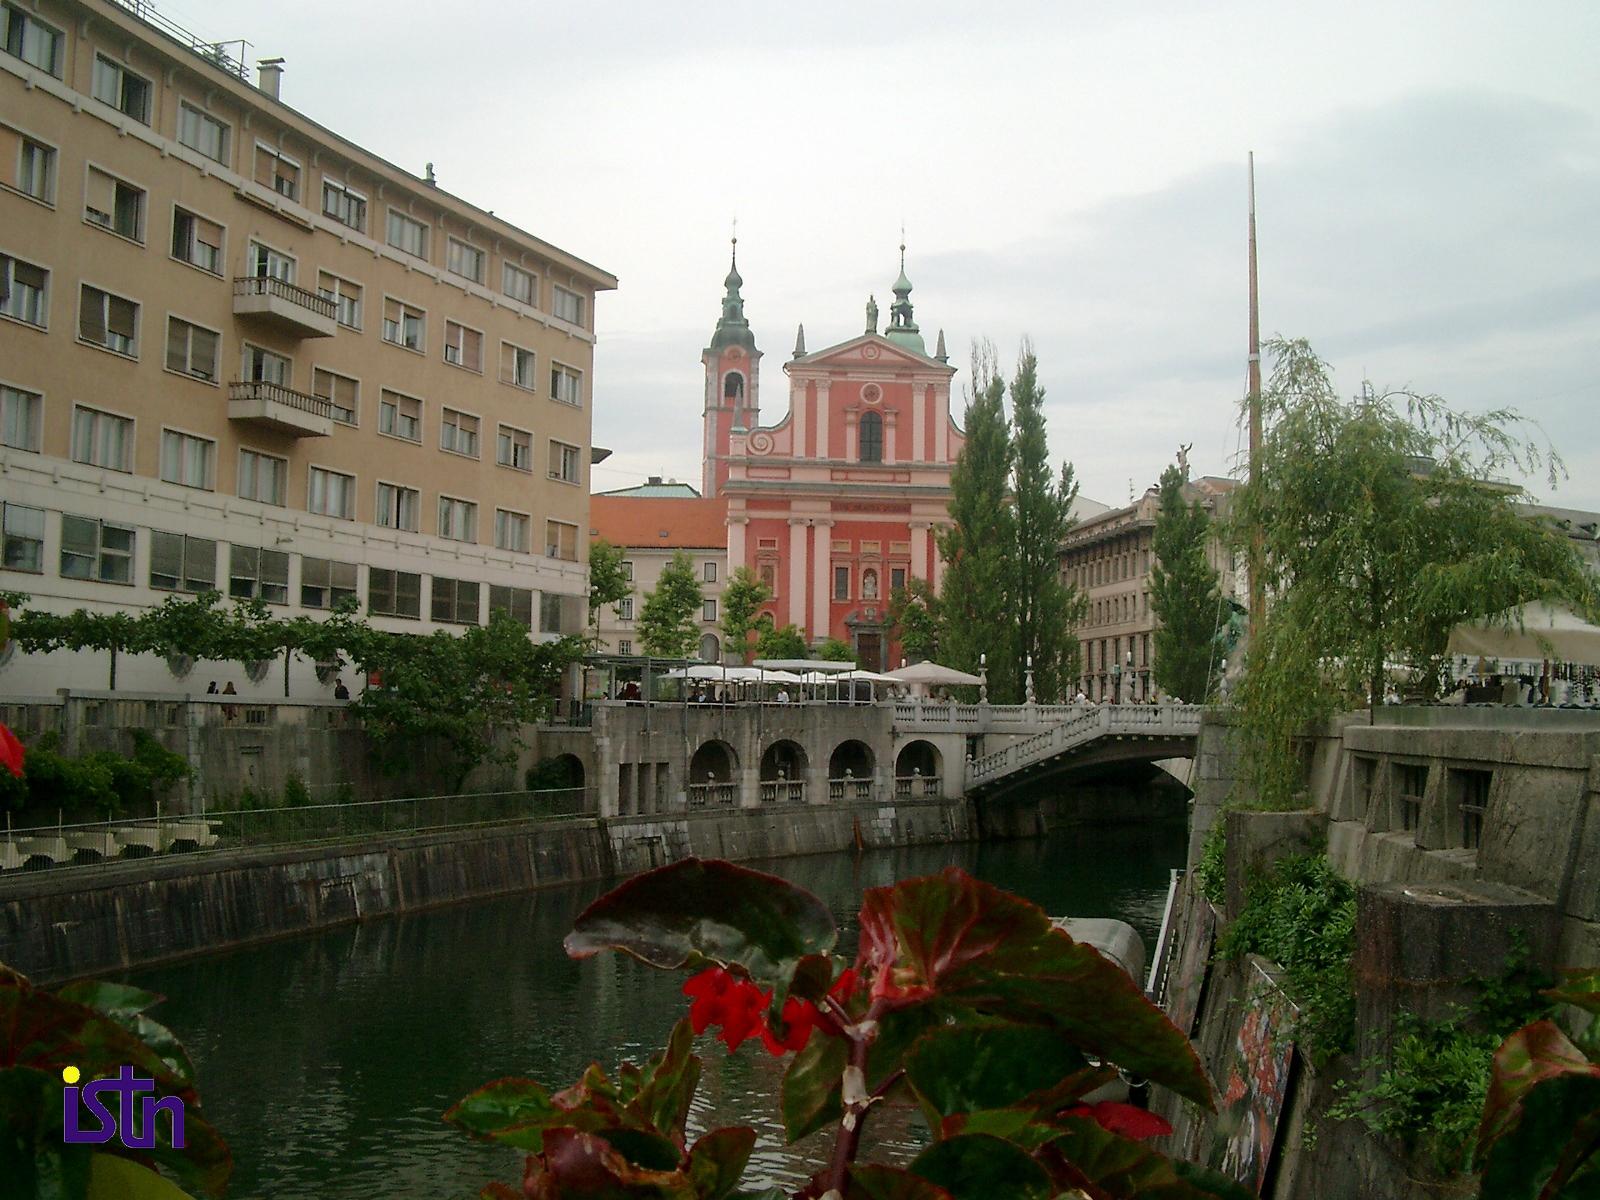 Ljubljana, ISTN